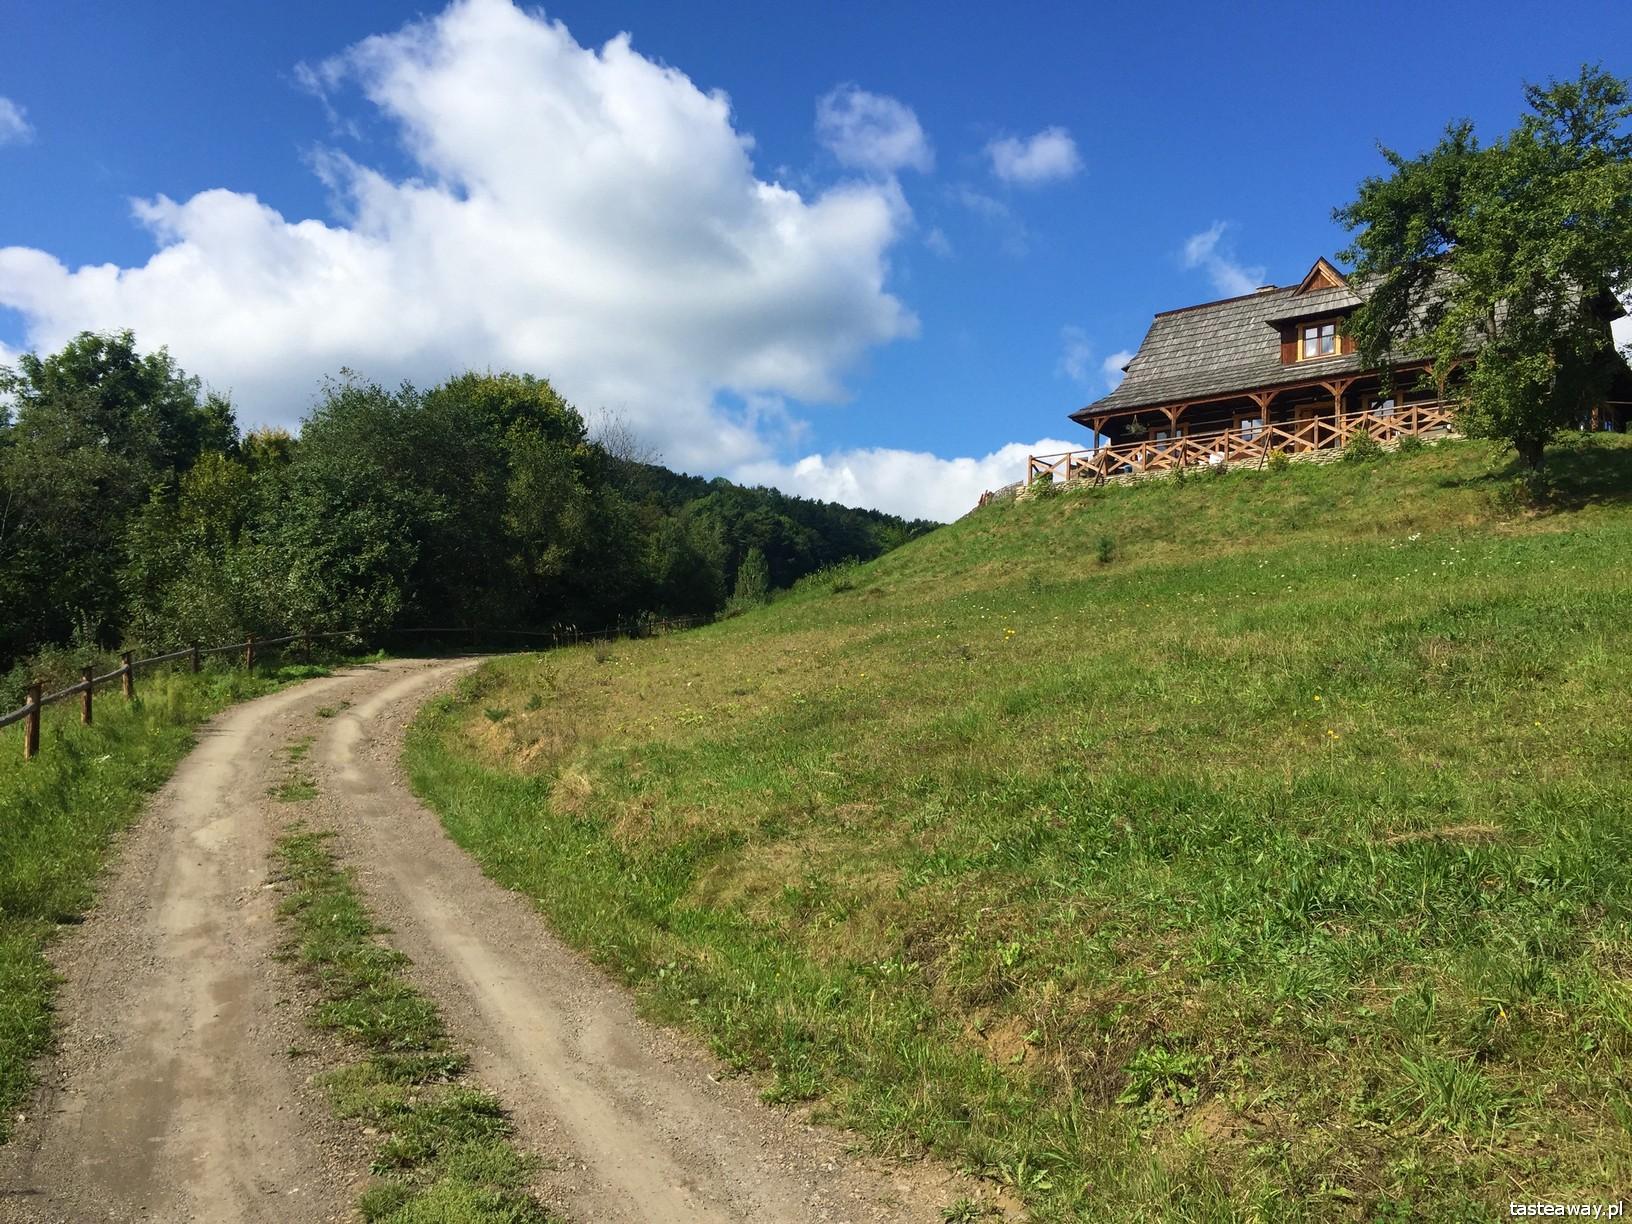 magiczne miejsca w Polsce, magiczne miejsca, Bieszczady, magiczne miejsca w Bieszczadach, Maciejewka, Baligród, gdzie spać w Bieszczadach, gdzie jeść w Bieszczadach